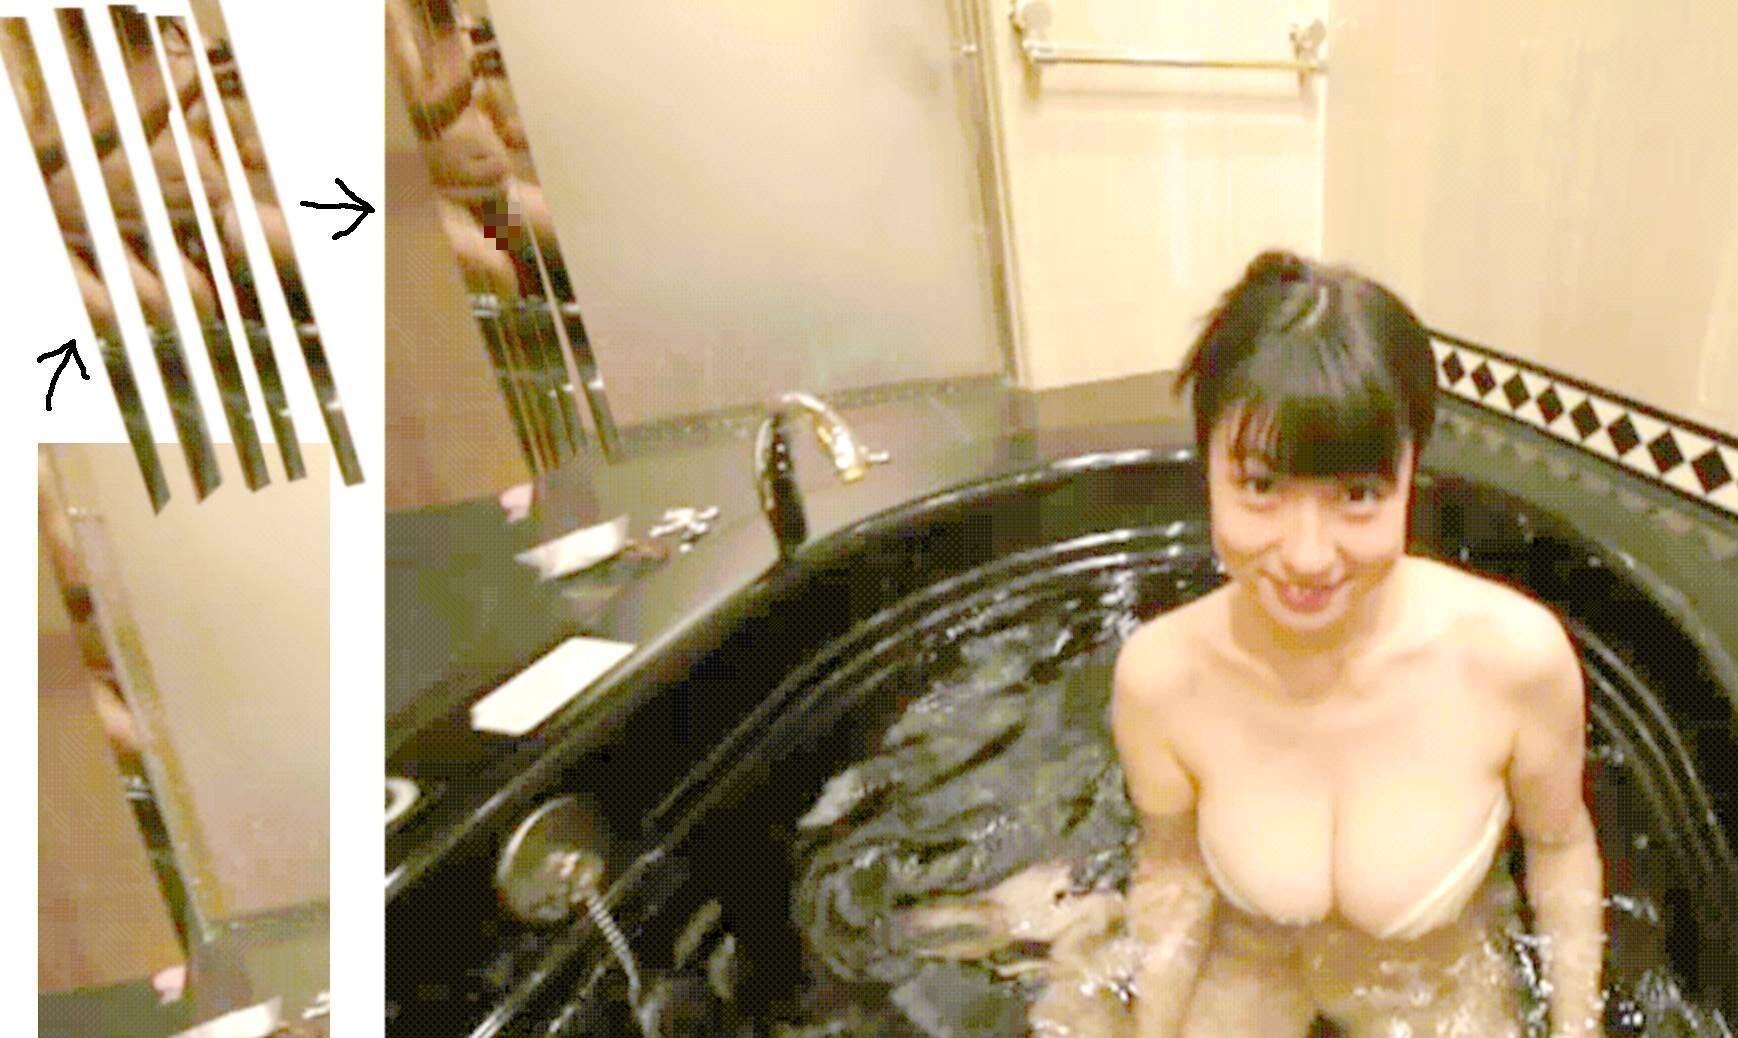 滝沢乃南 『ありがとね』IVに全裸撮影カメラマンが映りこんでる